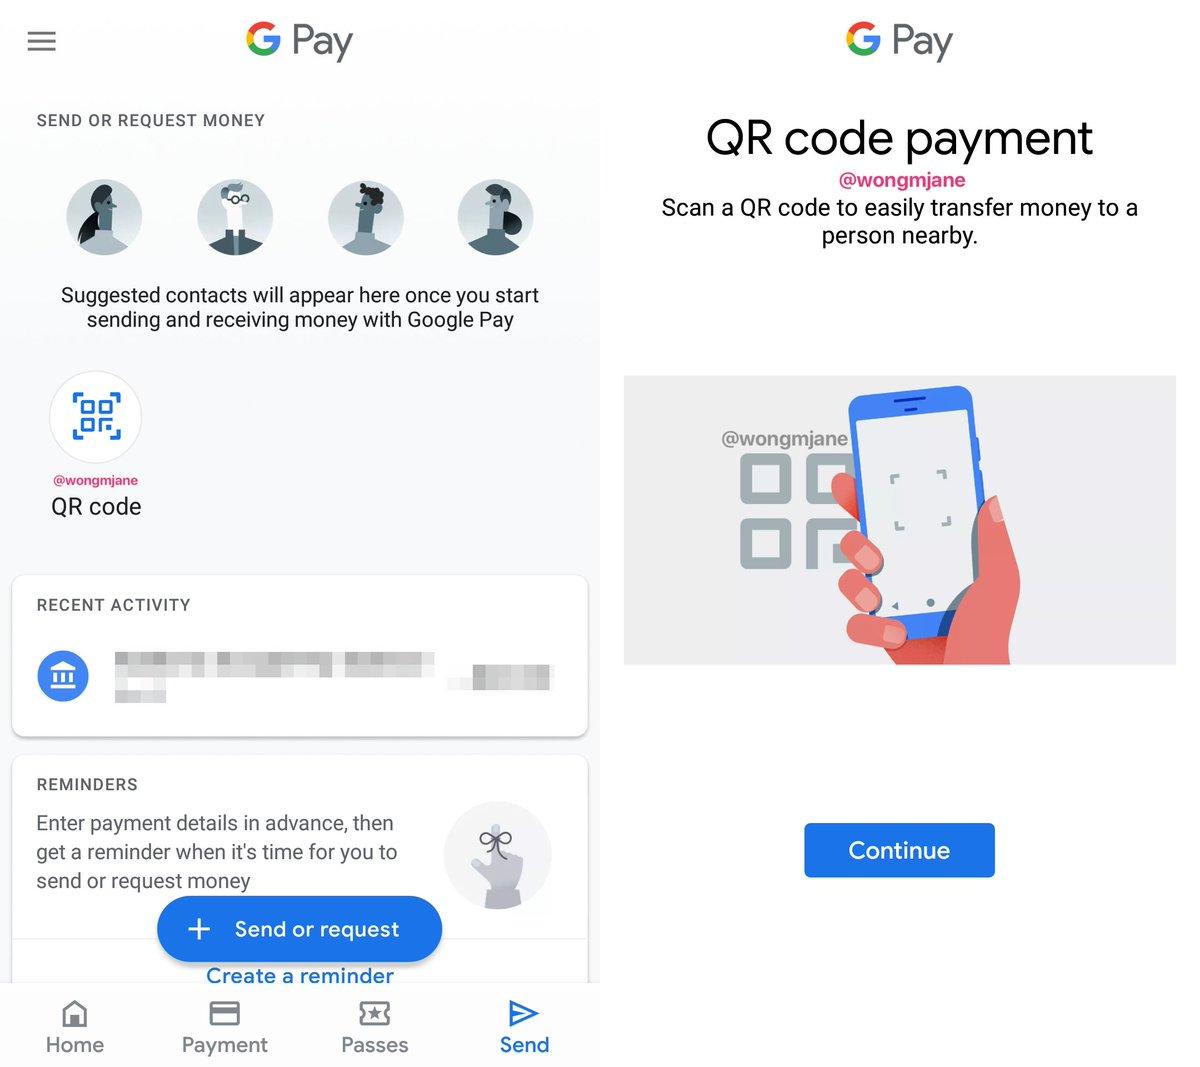 Enviar dinero a familiares y amigos en Google Pay será más fácil que nunca